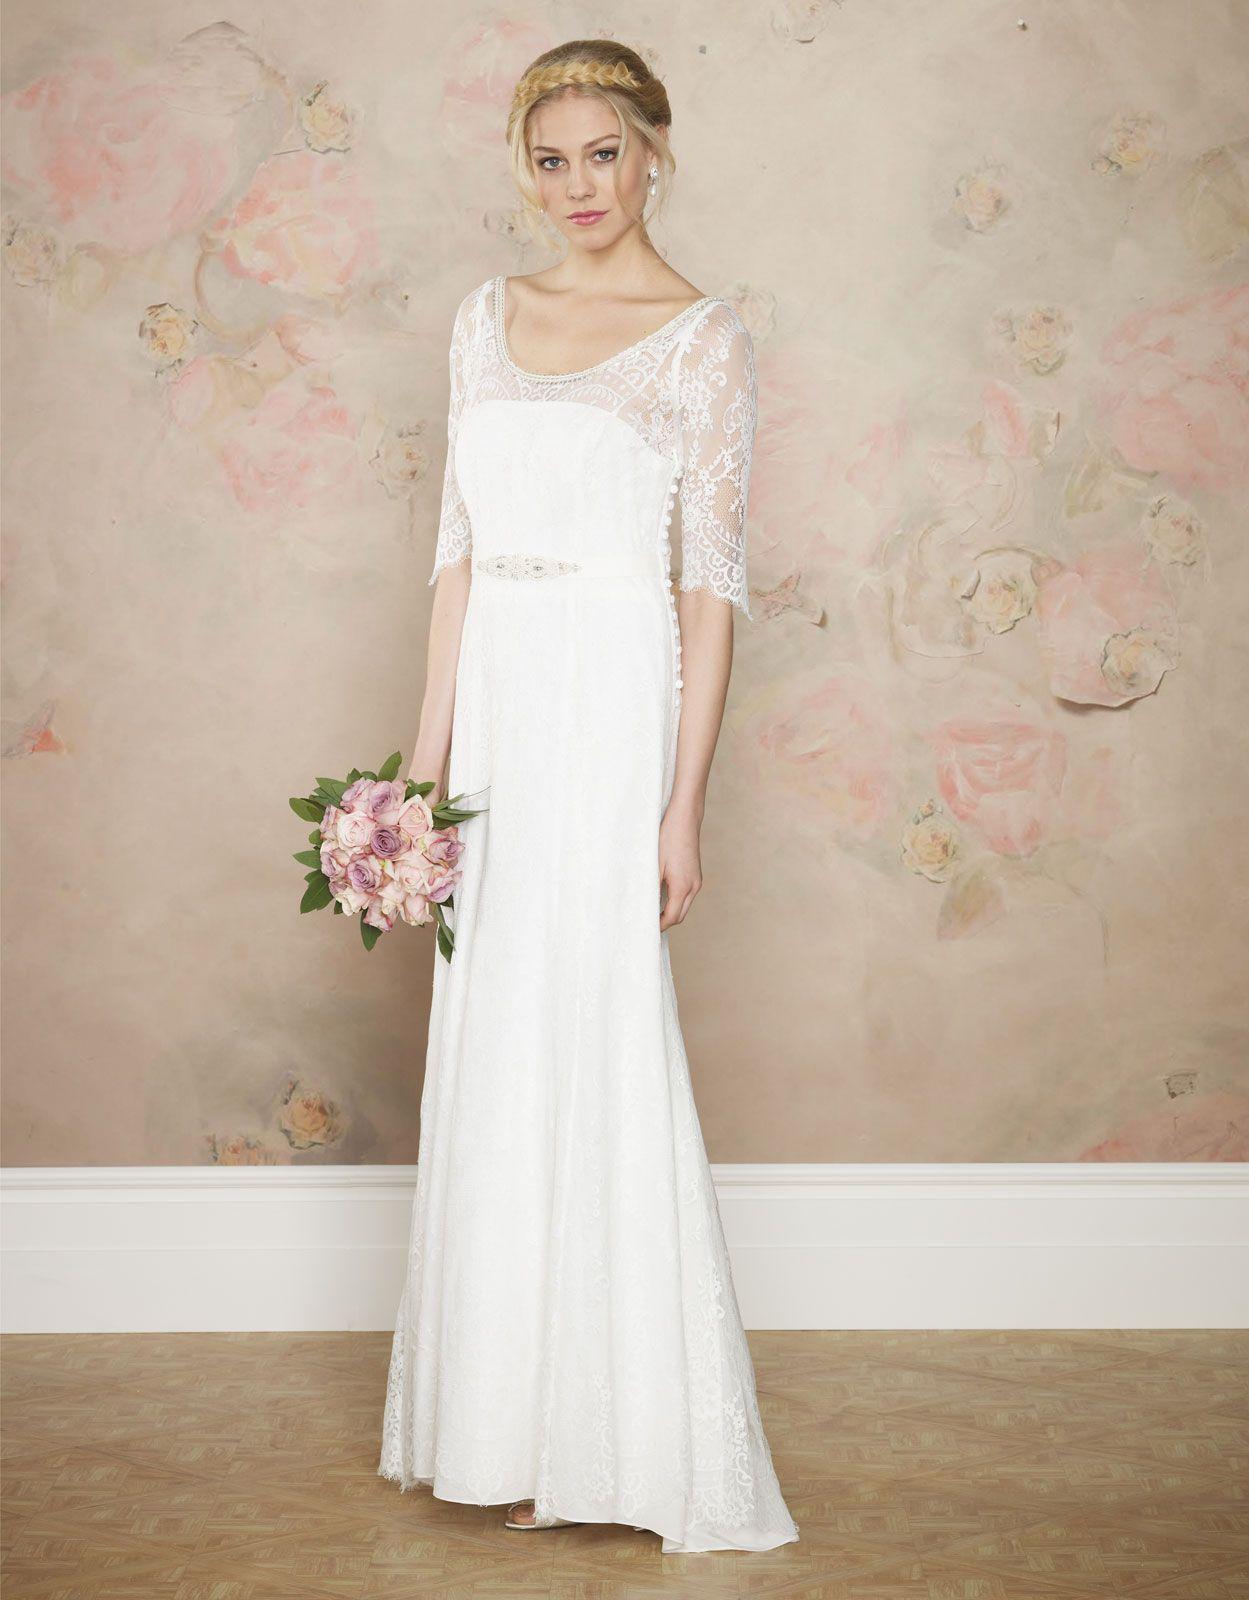 Carlotta bridal dress white monsoon 3531574610 525 for Monsoon de